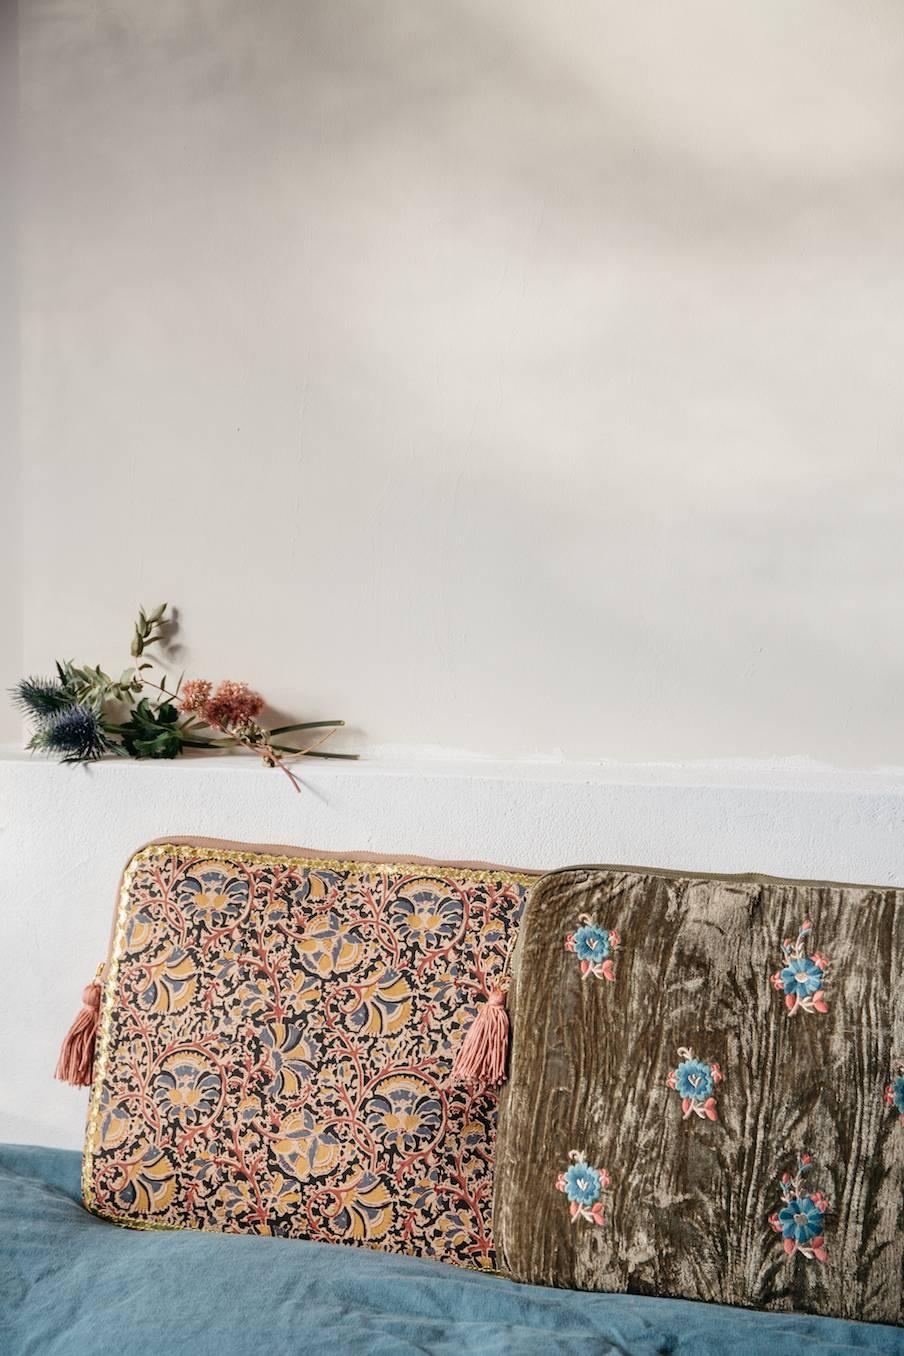 boheme chic vintage housse d'ordinateur femme hoa nordish flowers